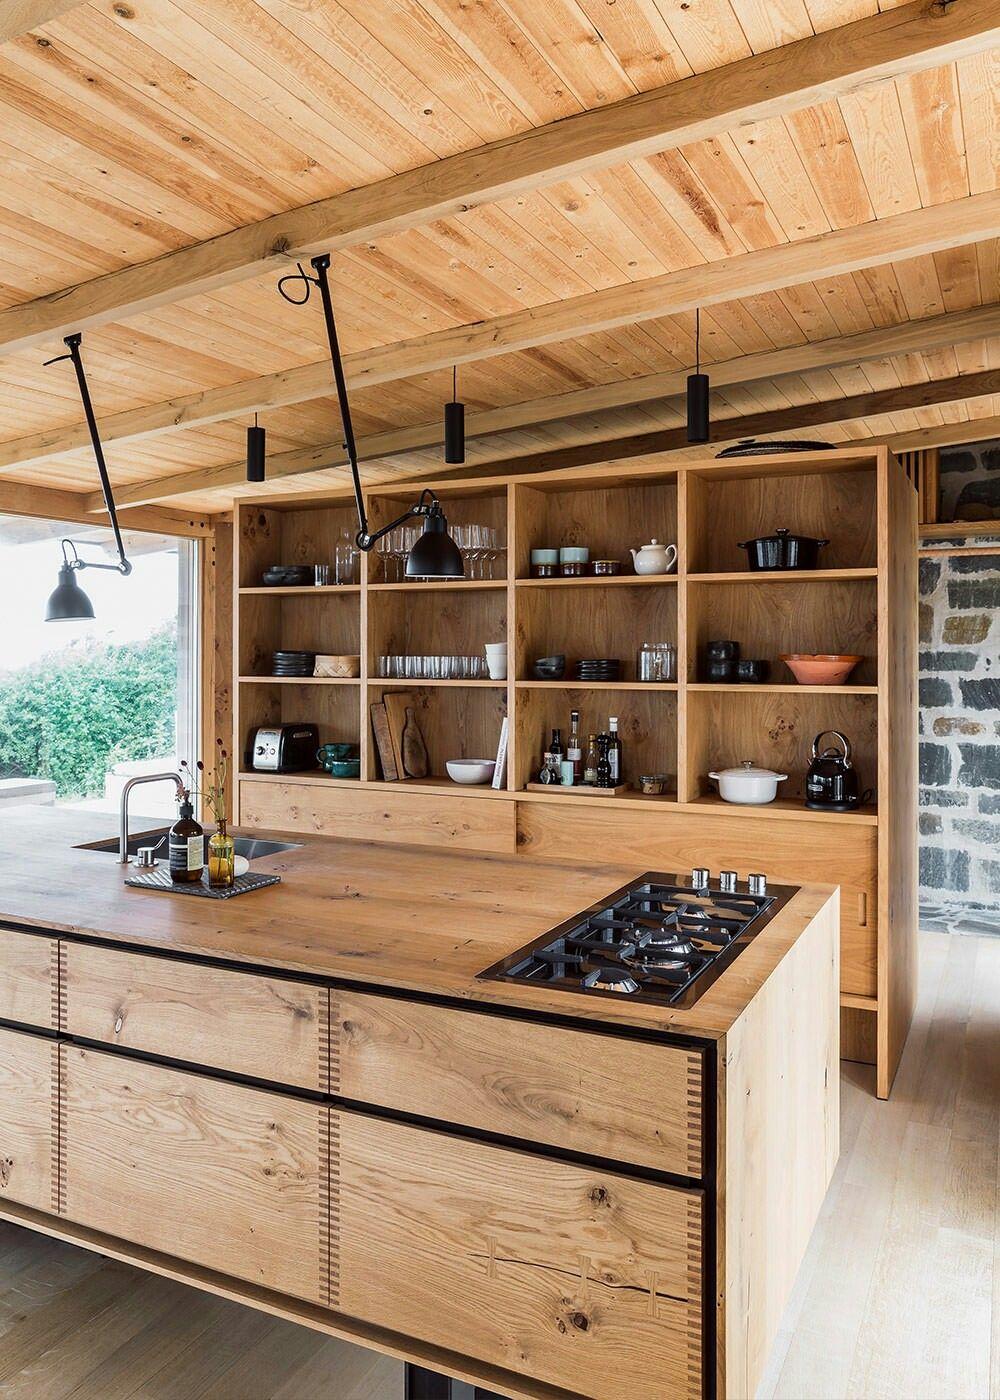 Nett Kücheninsel 8 Ft Zeitgenössisch - Ideen Für Die Küche ...